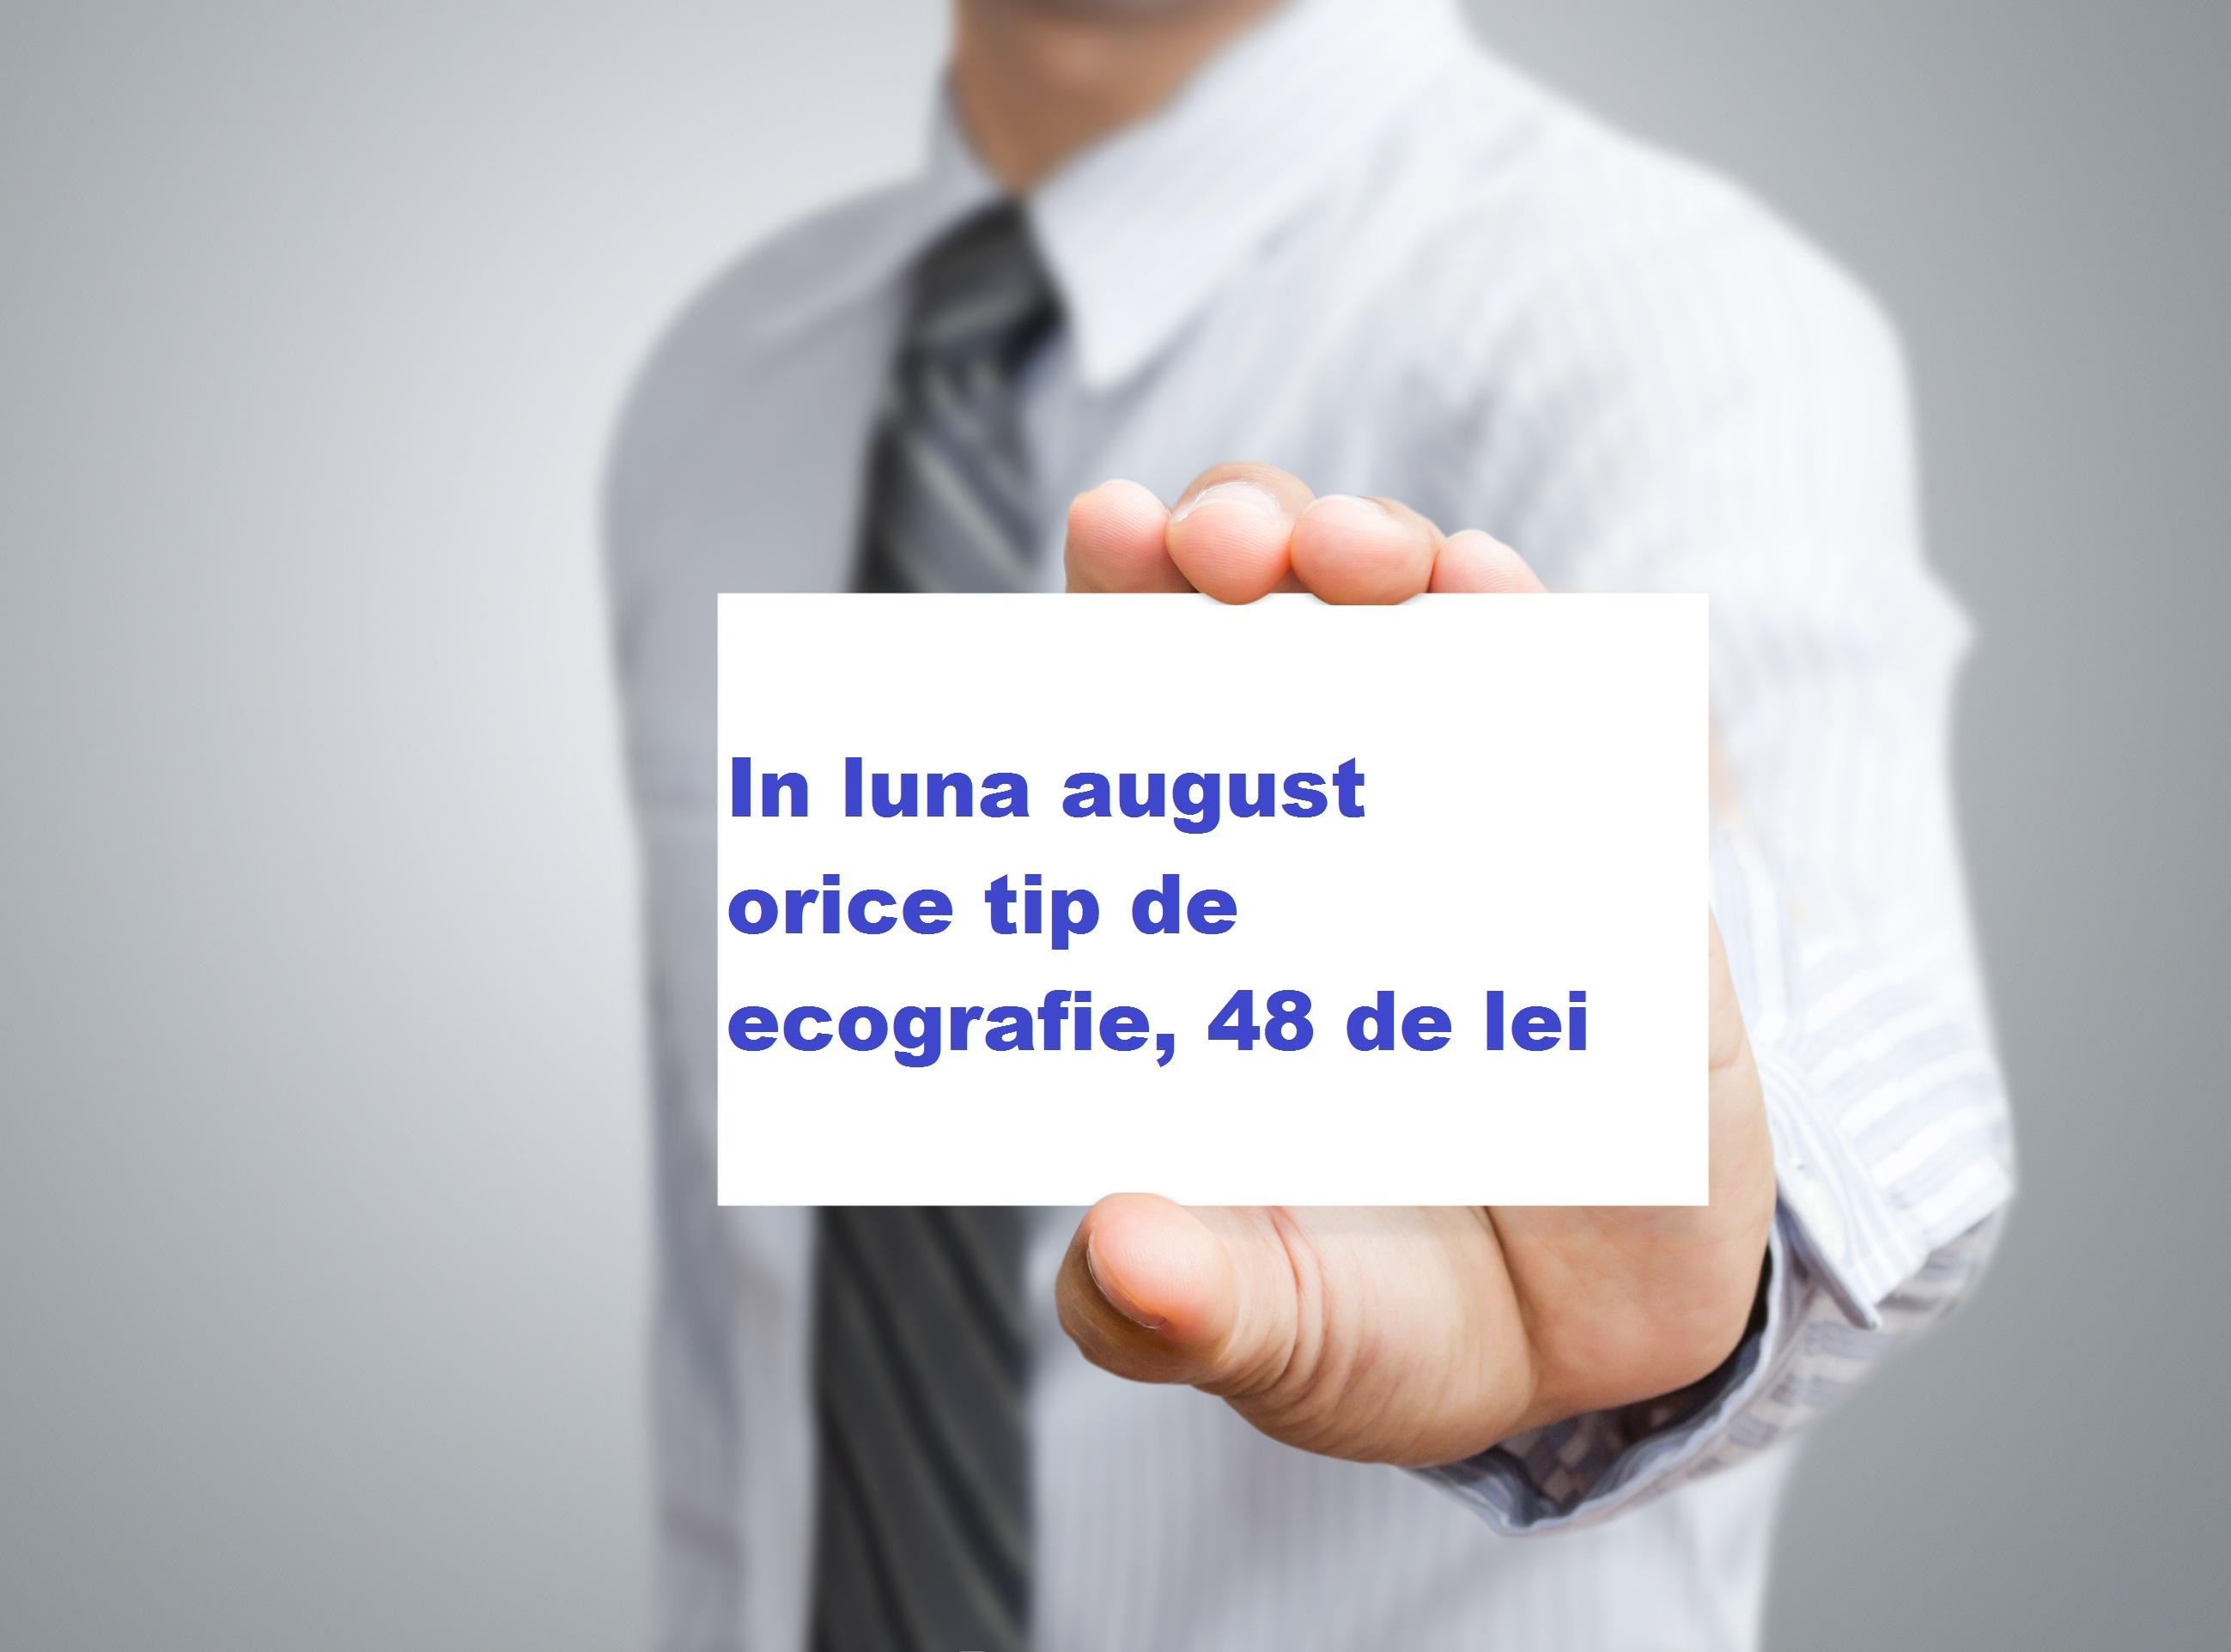 - august 2018 ecografie 48 lei - In august, toata lumea se poate bucura de oferta